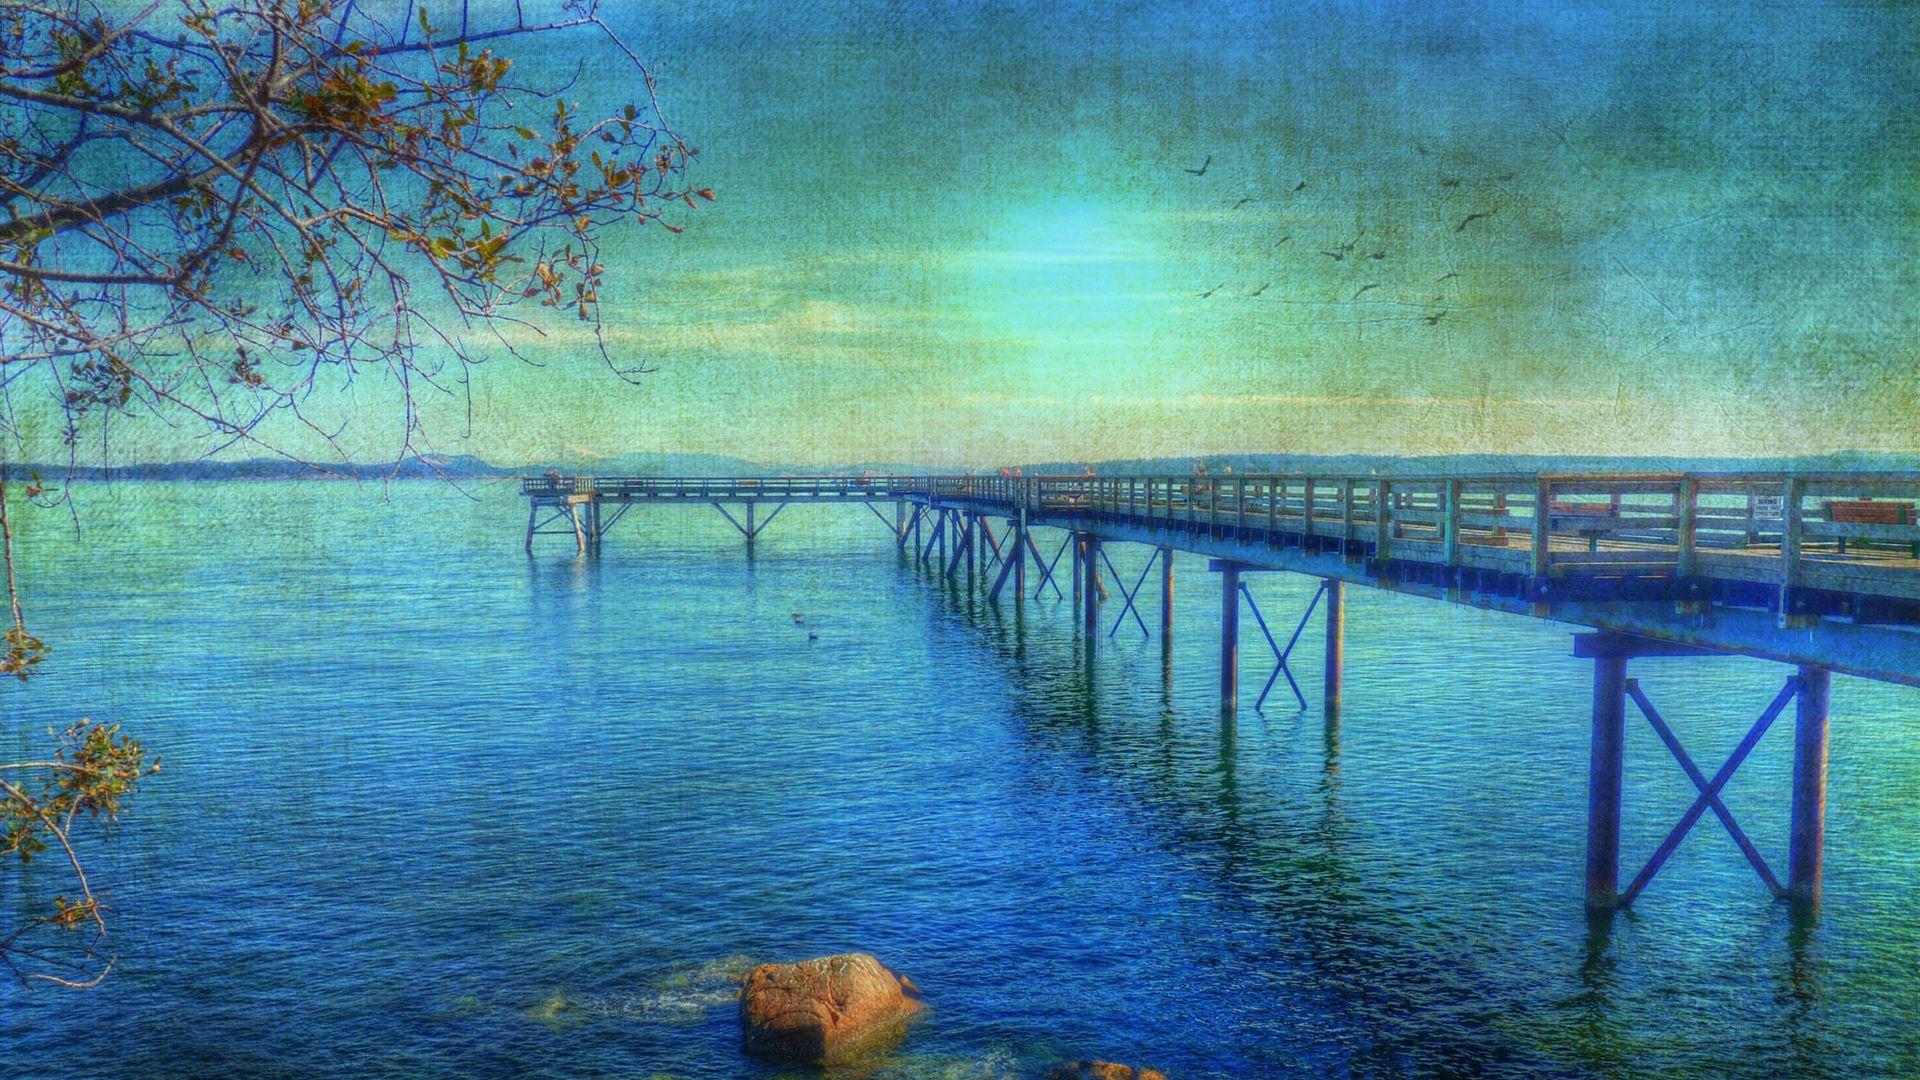 壁纸 风景 摄影 桌面 1920_1080